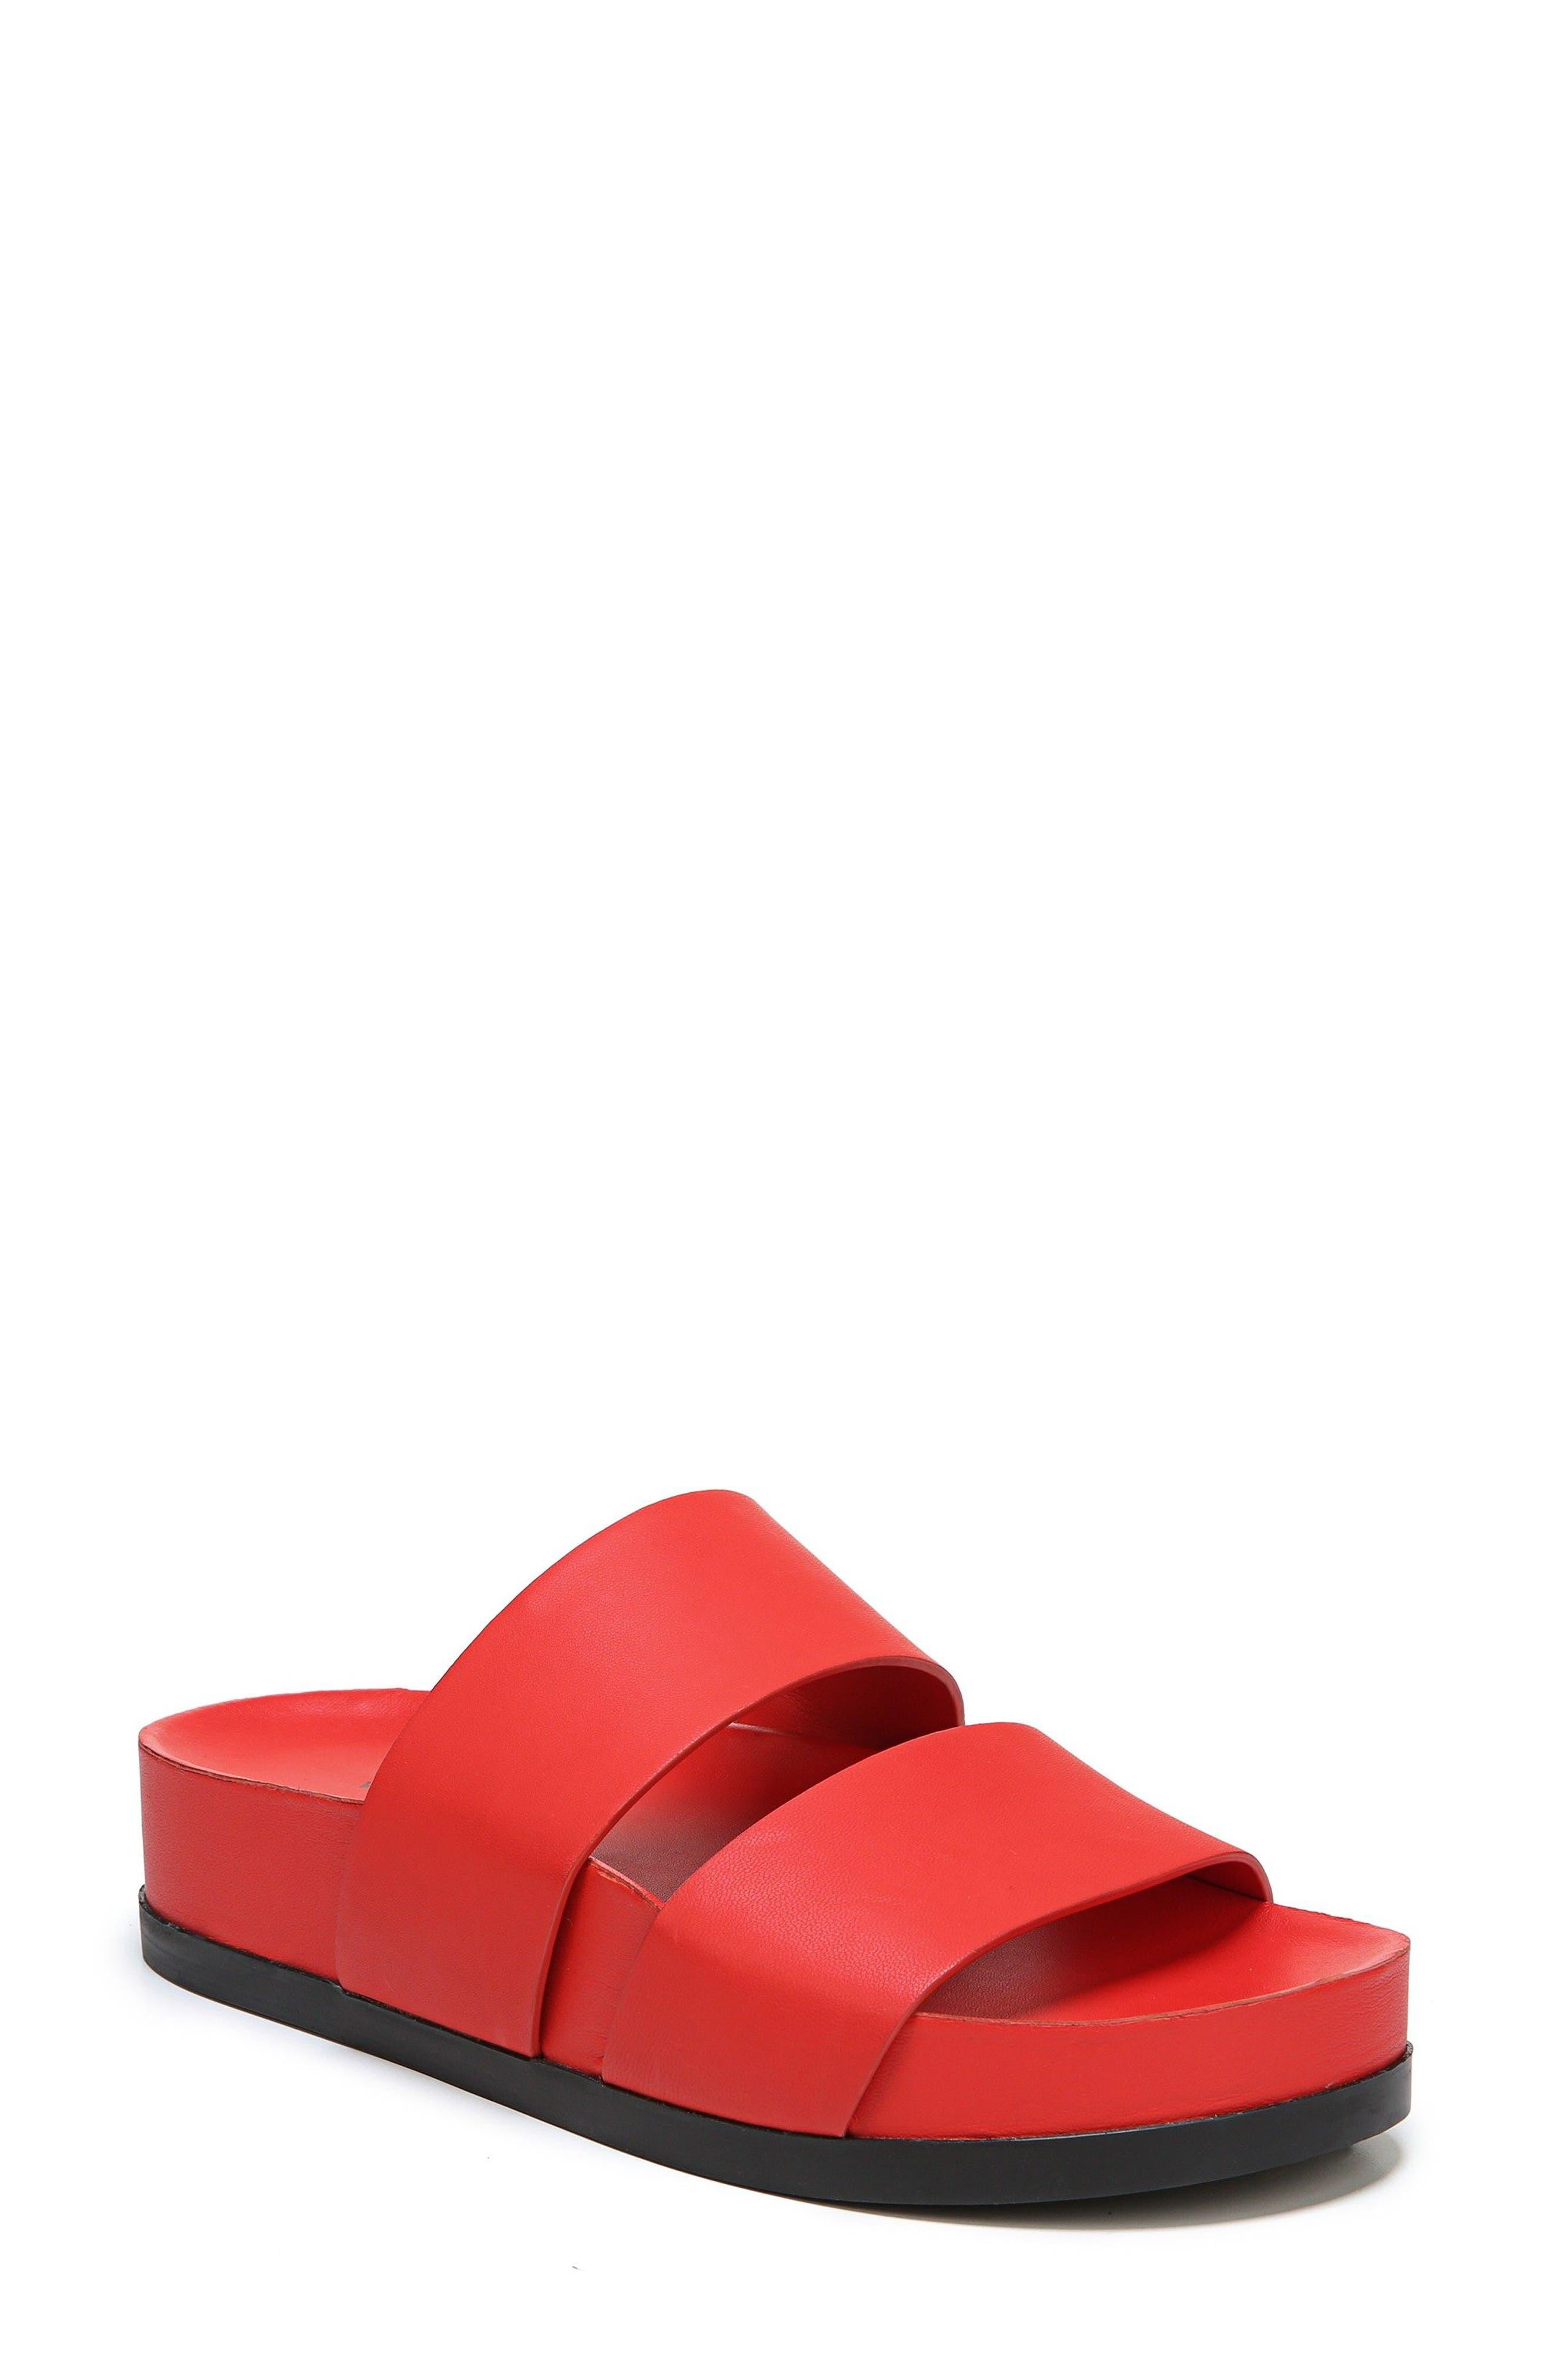 Milton Slide Sandal,                             Main thumbnail 1, color,                             Poppy Red Leather